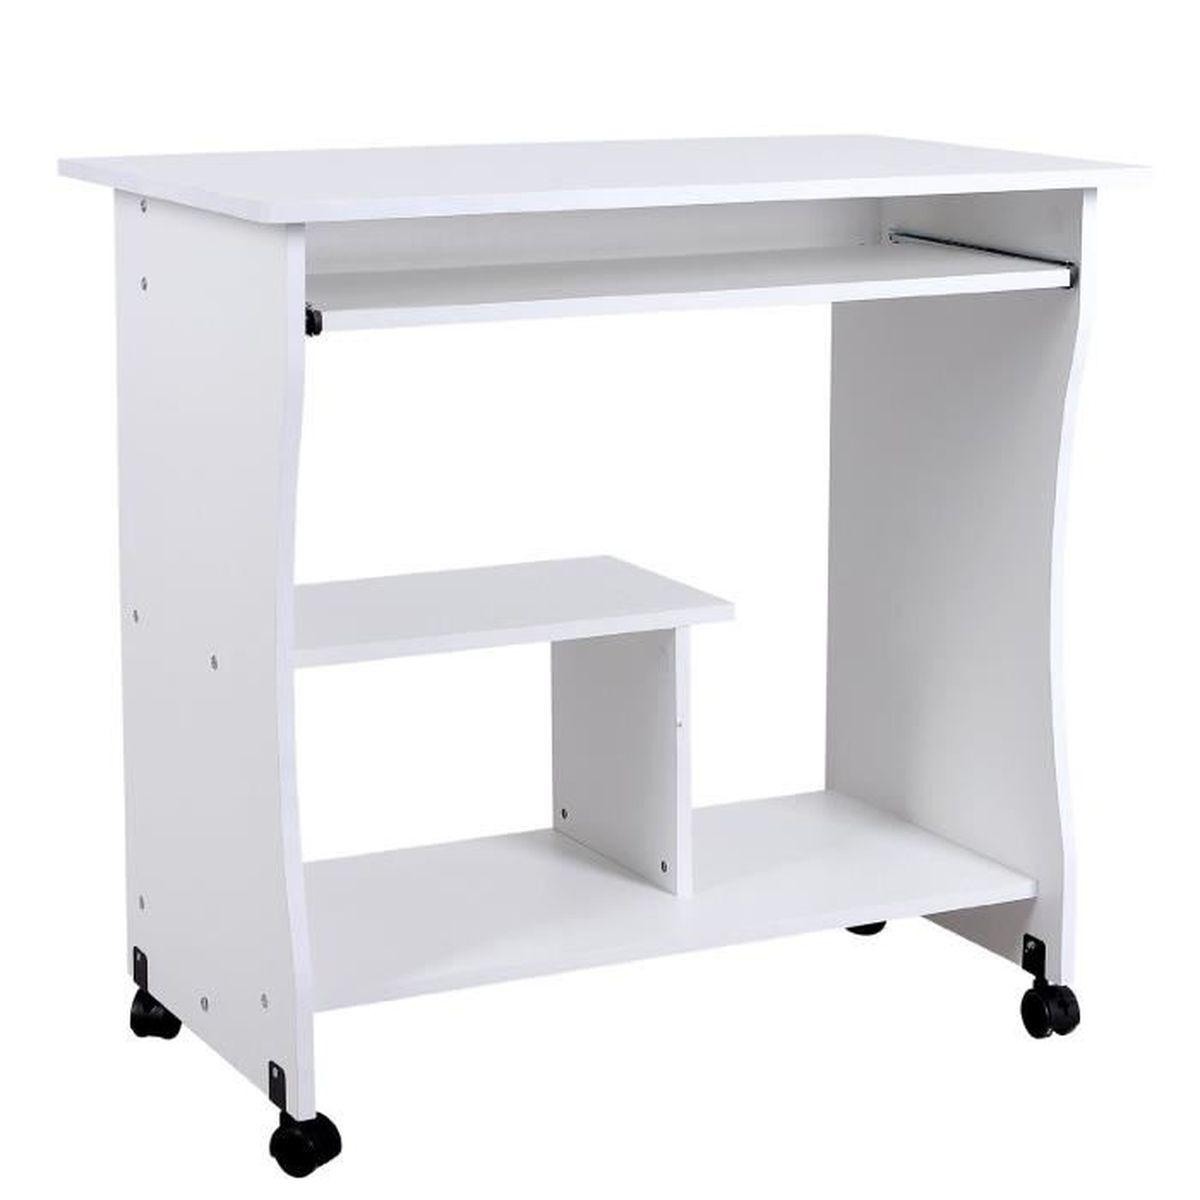 Bureau d/'ordinateur Roulant Bureau Informatique Stable Table Informatique avec Roulettes Table d/'Ordinateur avec Support Clavier Coulissant Pratique pour Bureau Salle d/étude 80 x 49,5 x 76 cm Blanc